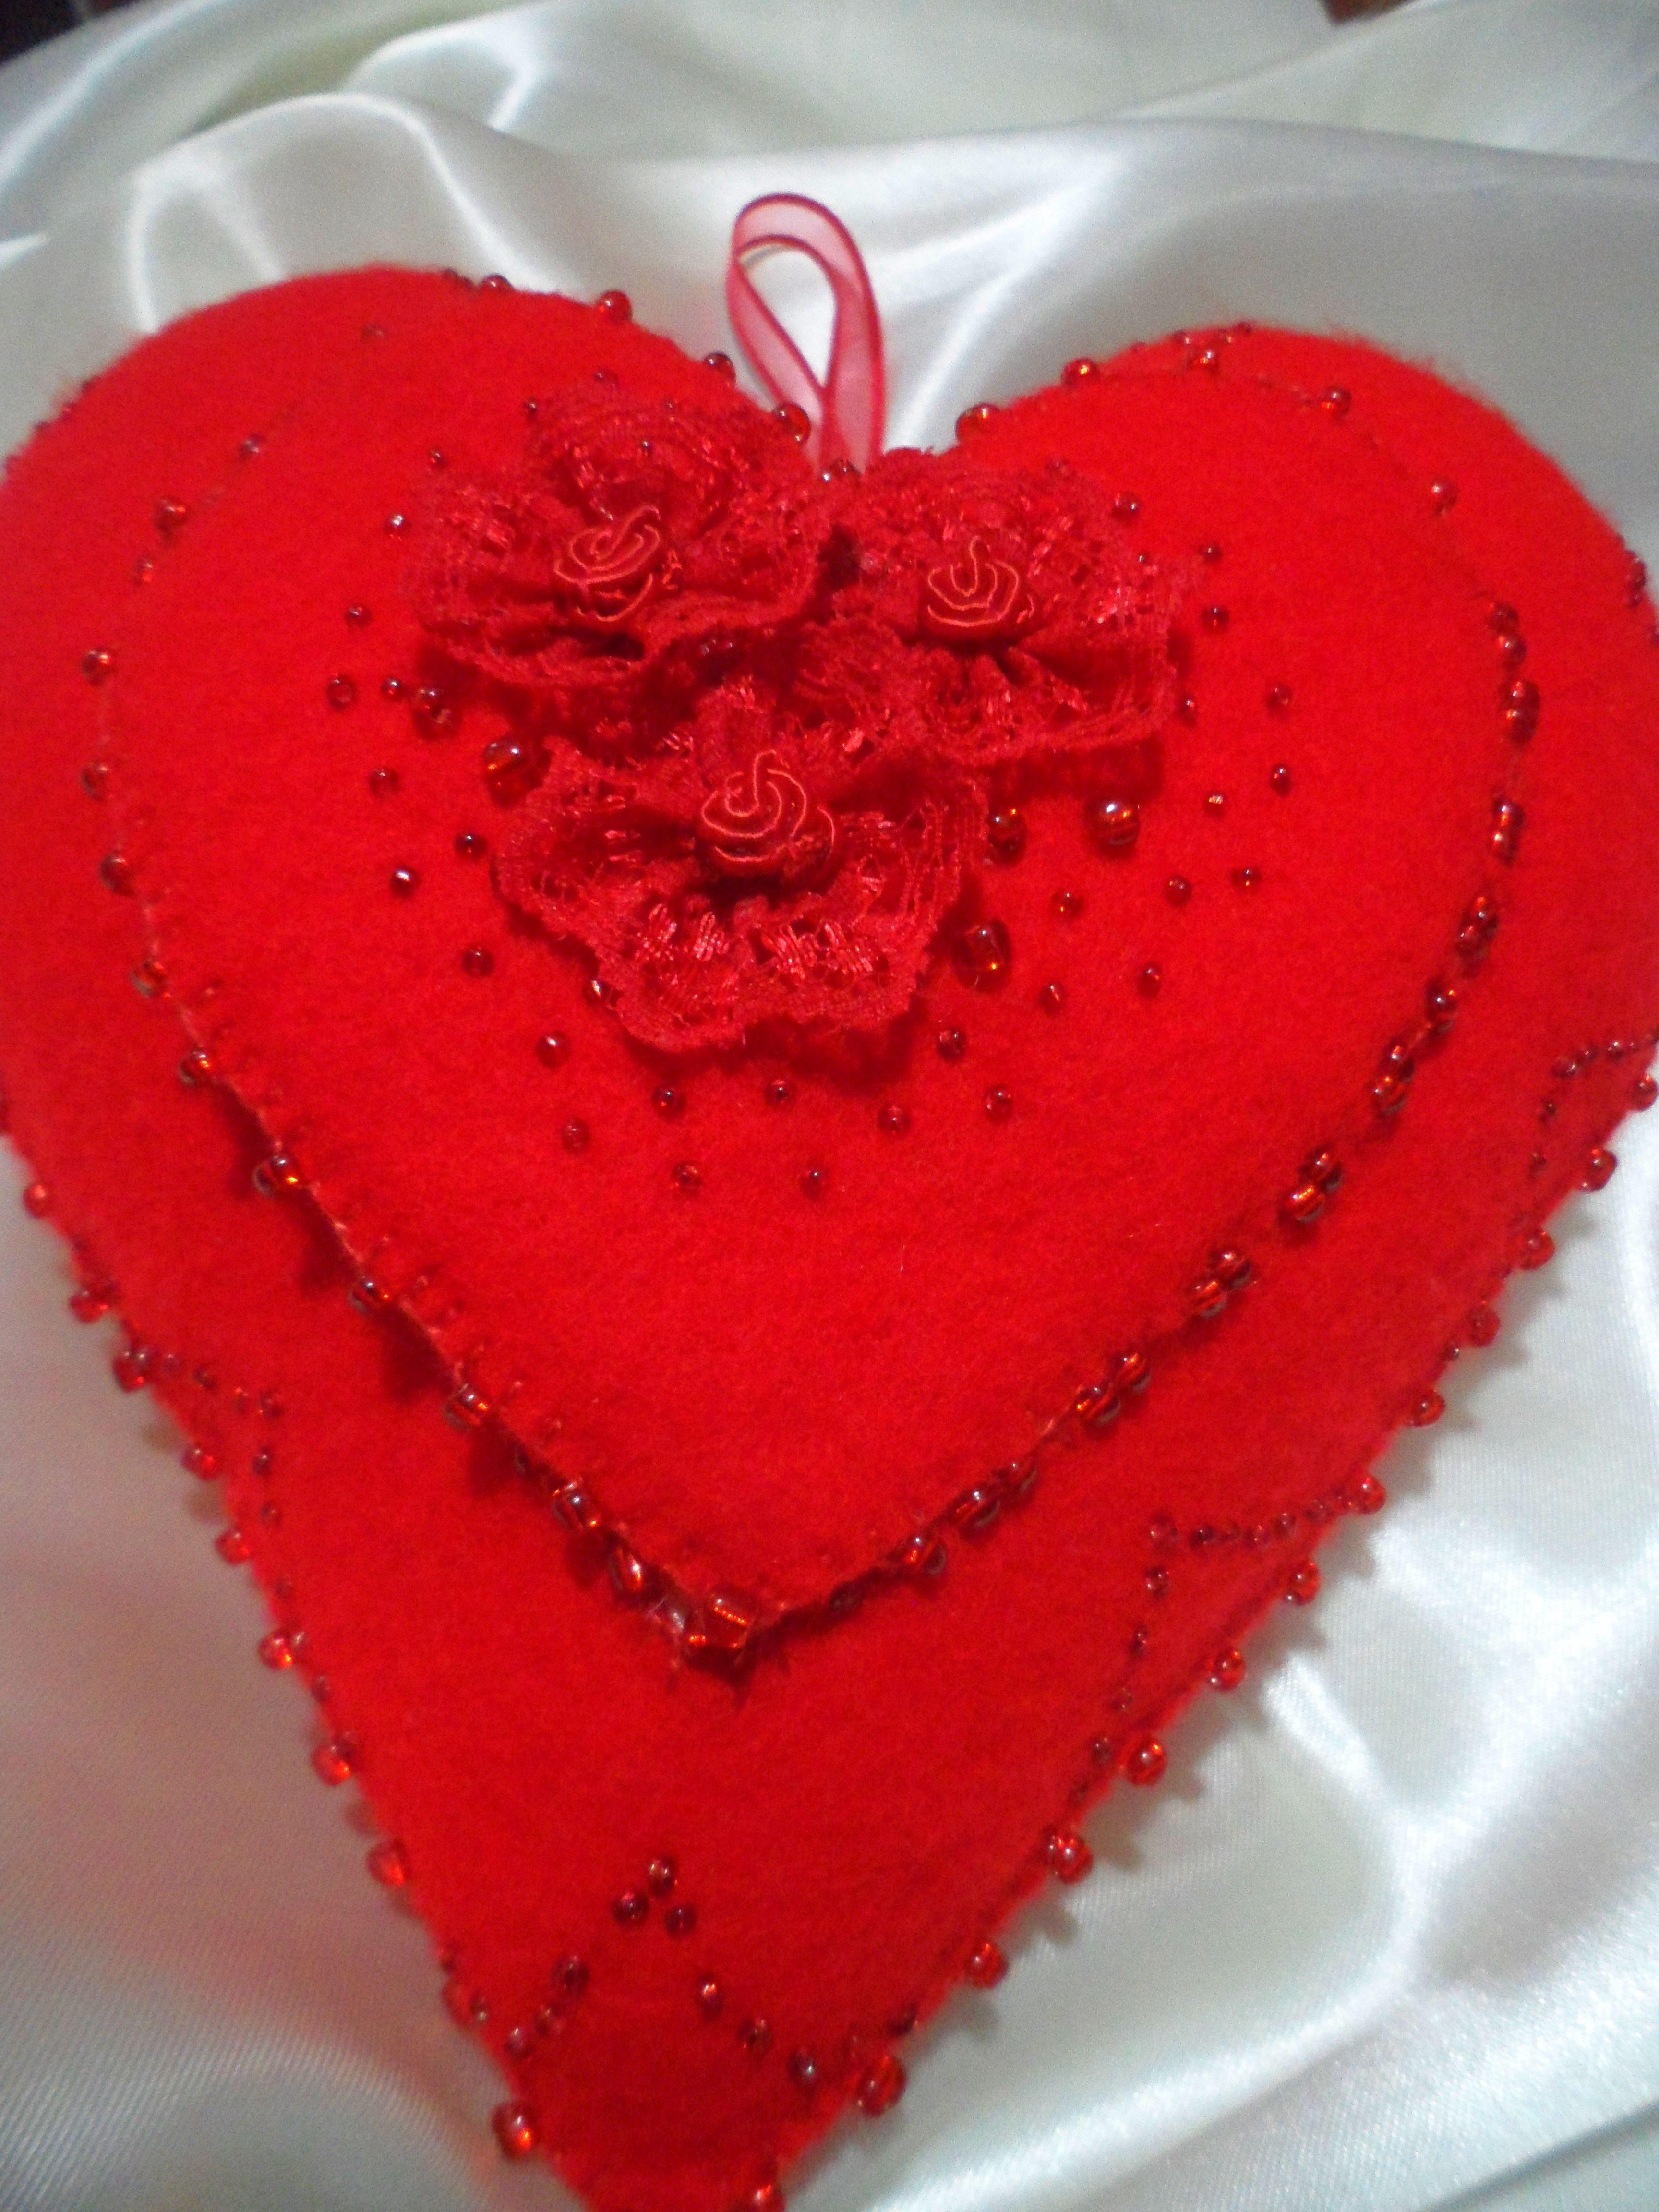 Corazón realizado en Fieltro con un corazón en el medio que se abre y deja ver una frase dedicatoria especial pintada en tela raso, decorado con rosas de puntilla de encaje, mostacillones y mostacillas.